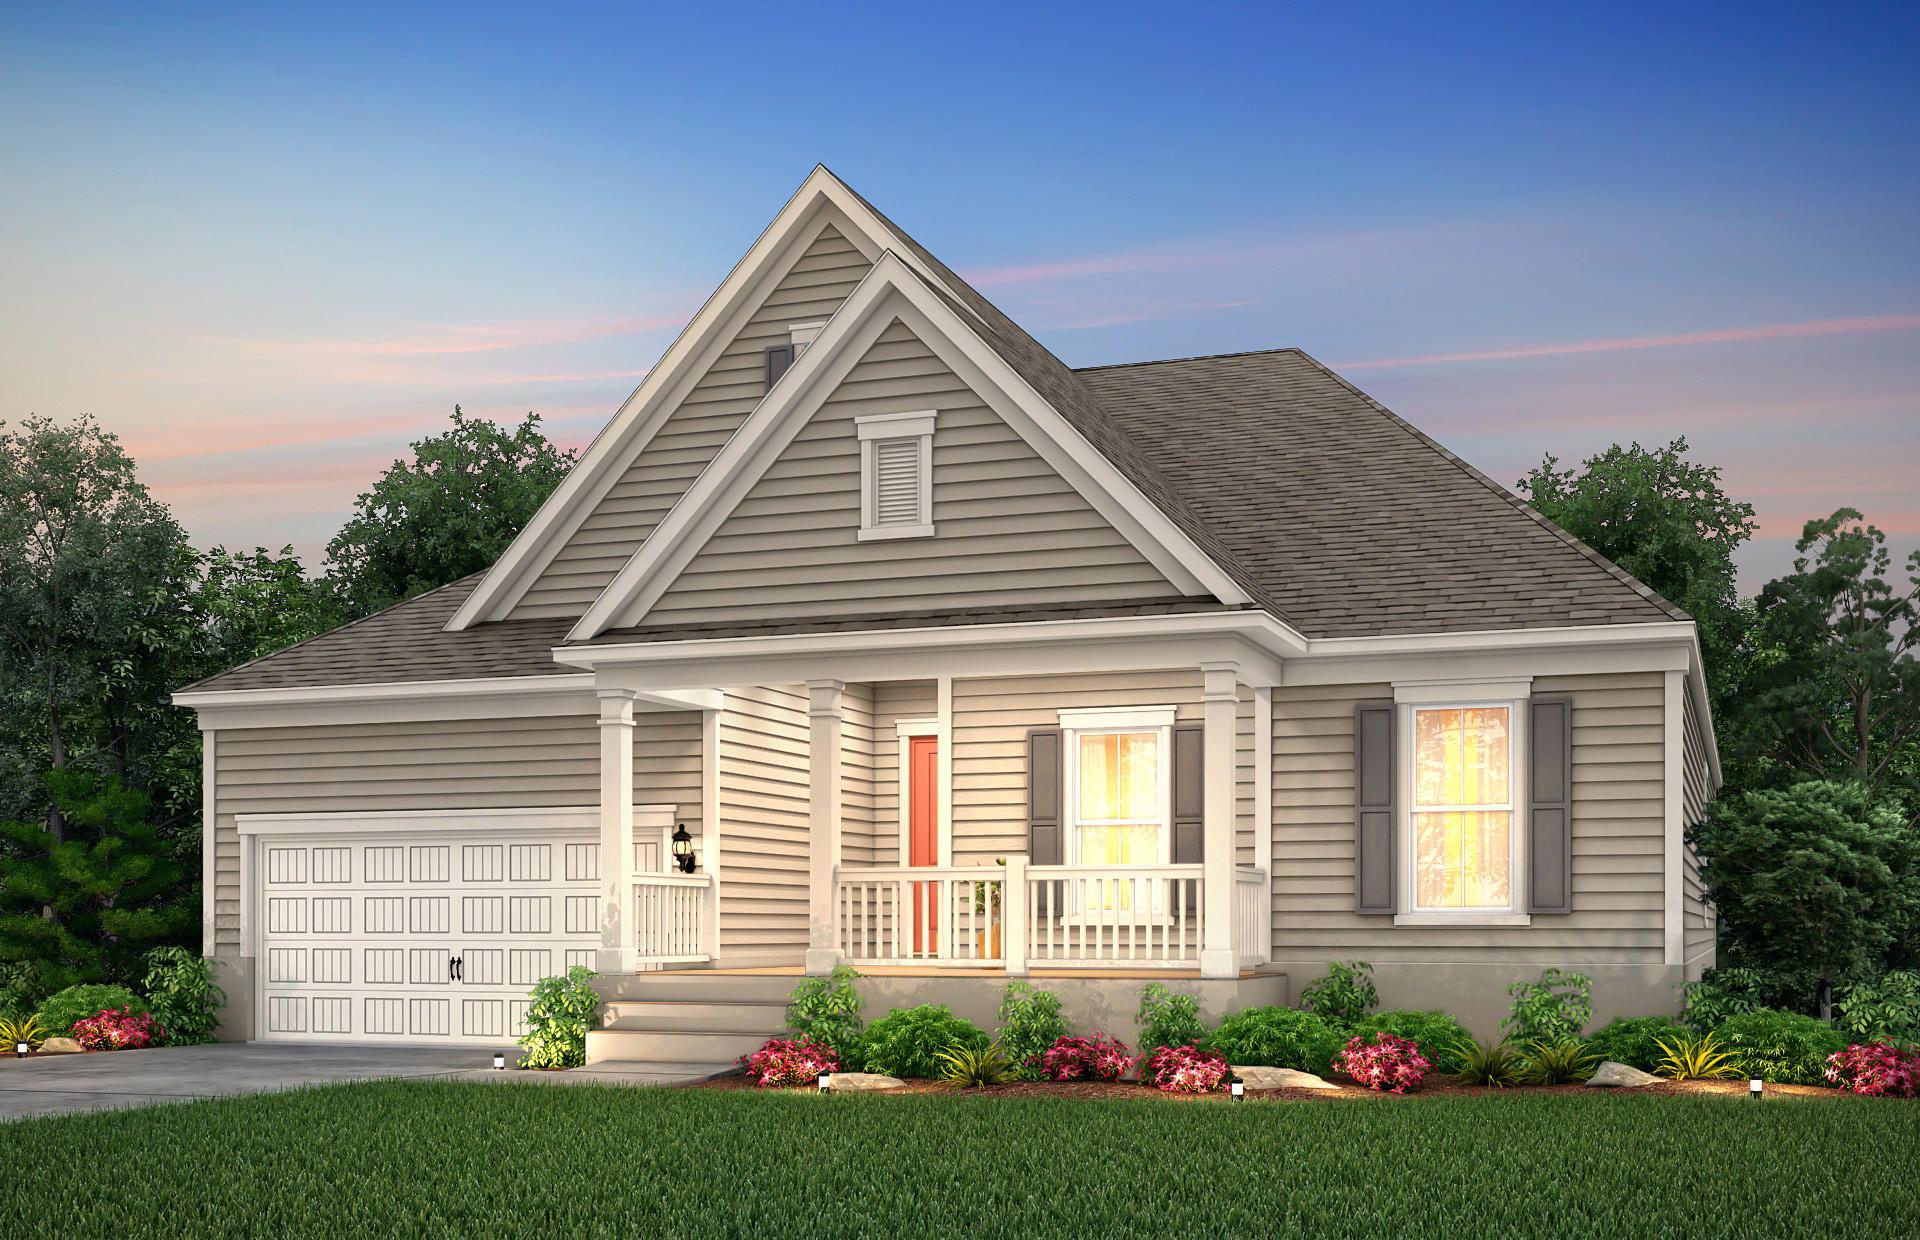 Dunes West Homes For Sale - 2665 Dutchman, Mount Pleasant, SC - 0